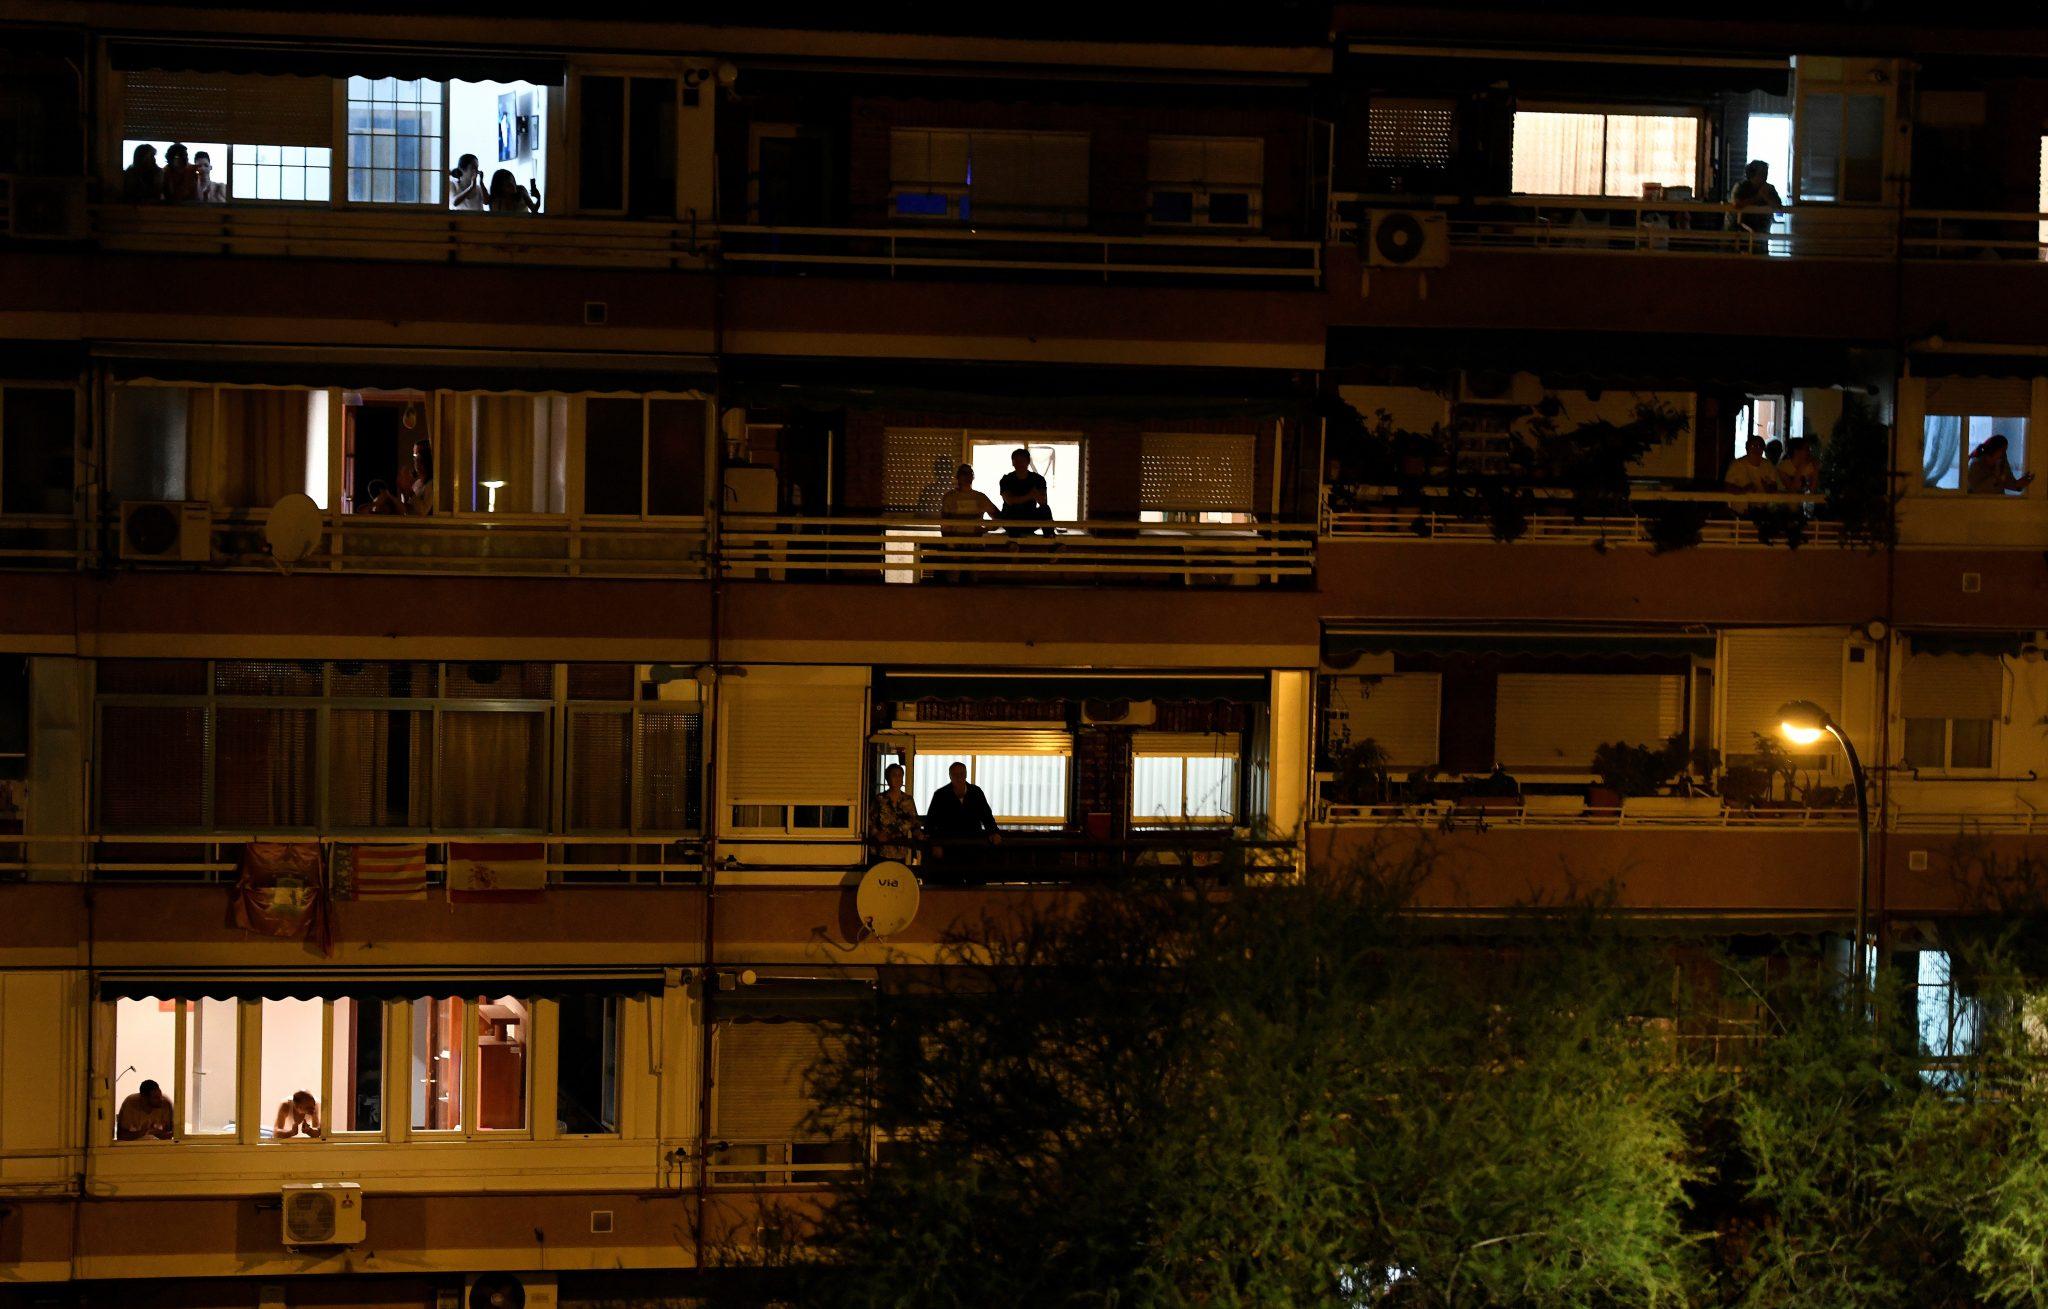 Aplauso sanitario coronavirus EspañaGRAF6949. MADRID, 14/03/2020.- Vecinos de Vallecas, en Madrid, aplauden esta noche desde las ventanas de sus viviendas secundando la convocatoria hecha en las redes sociales para hacer un homenaje a todo el personal sanitario que está trabajando para combatir el coronavirus en España. EFE/Víctor Lerena